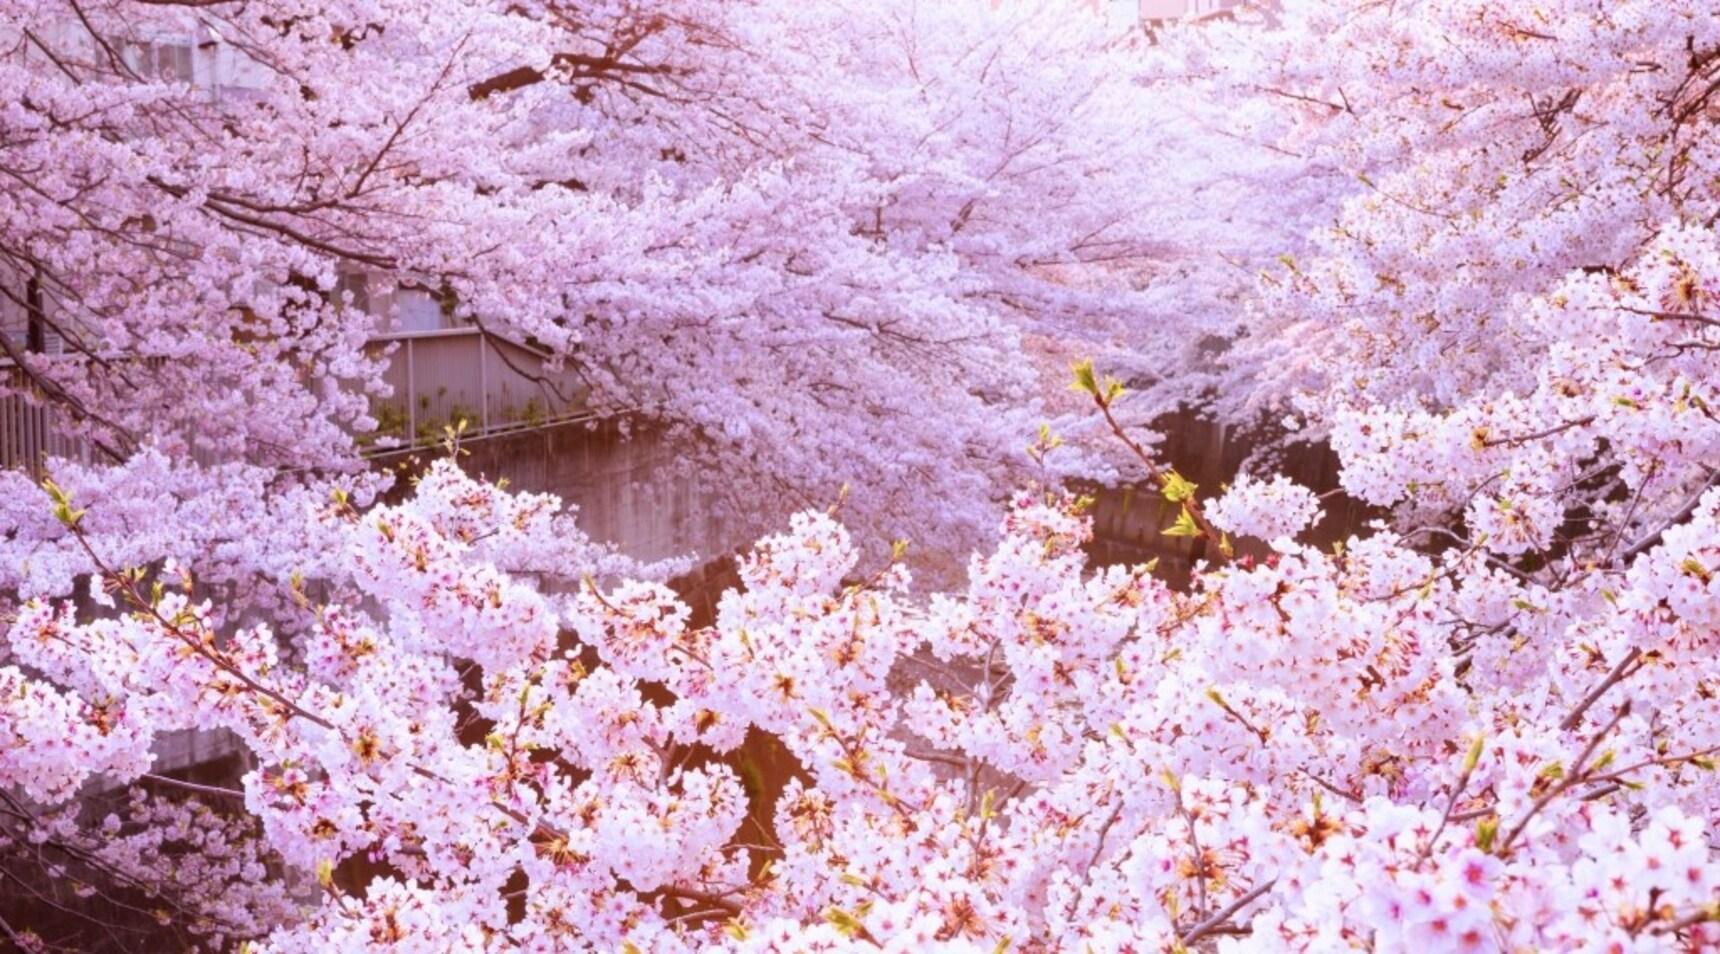 จุดชมซากุระยอดฮิตจาก 10 ภูมิภาคทั่วญี่ปุ่น